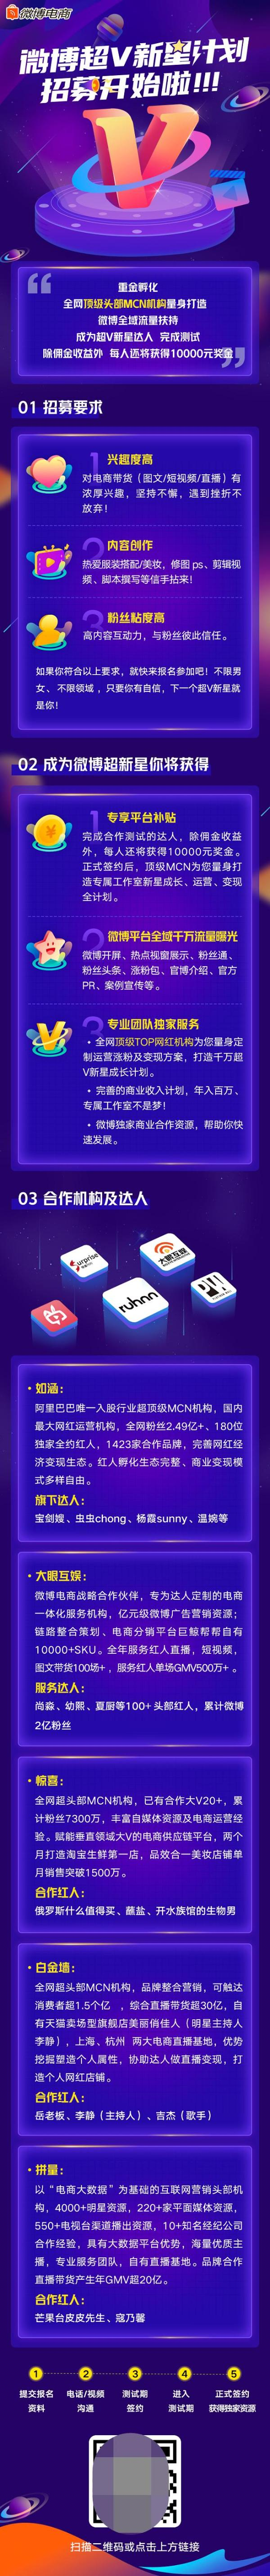 """微博宣布电商服务商支持战略推出""""超级V新星计划"""""""